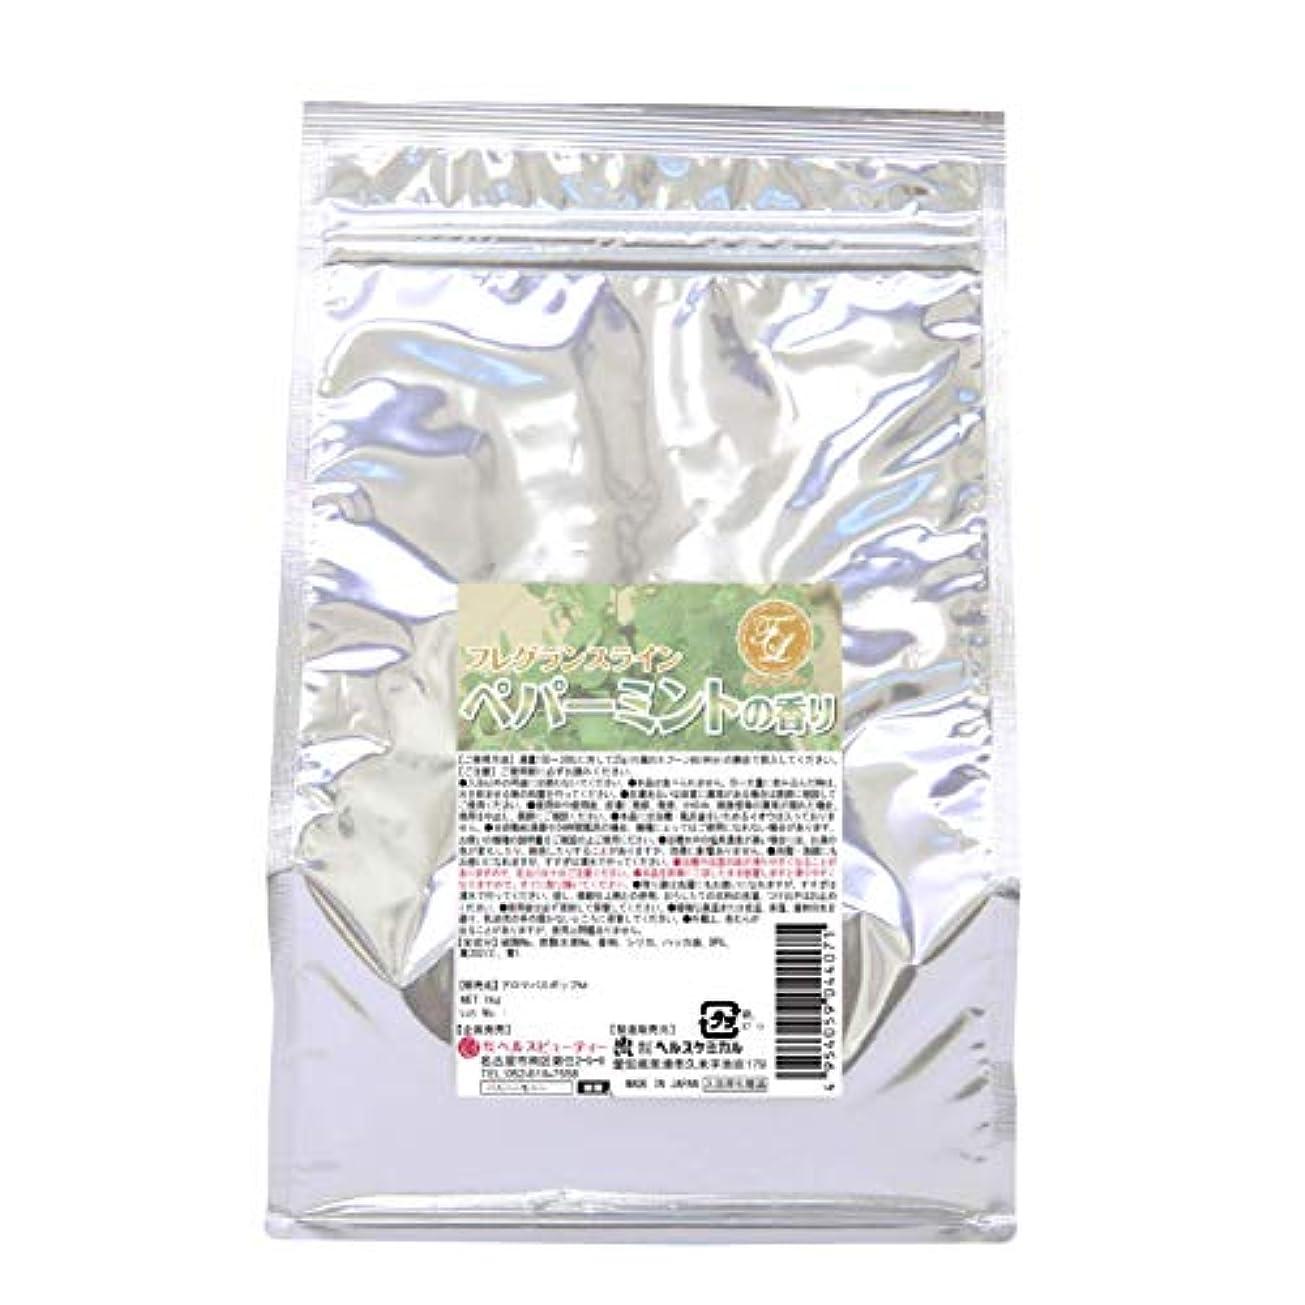 パンツ裸バーター入浴剤 湯匠仕込 ペパーミントの香り 1kg 50回分 お徳用